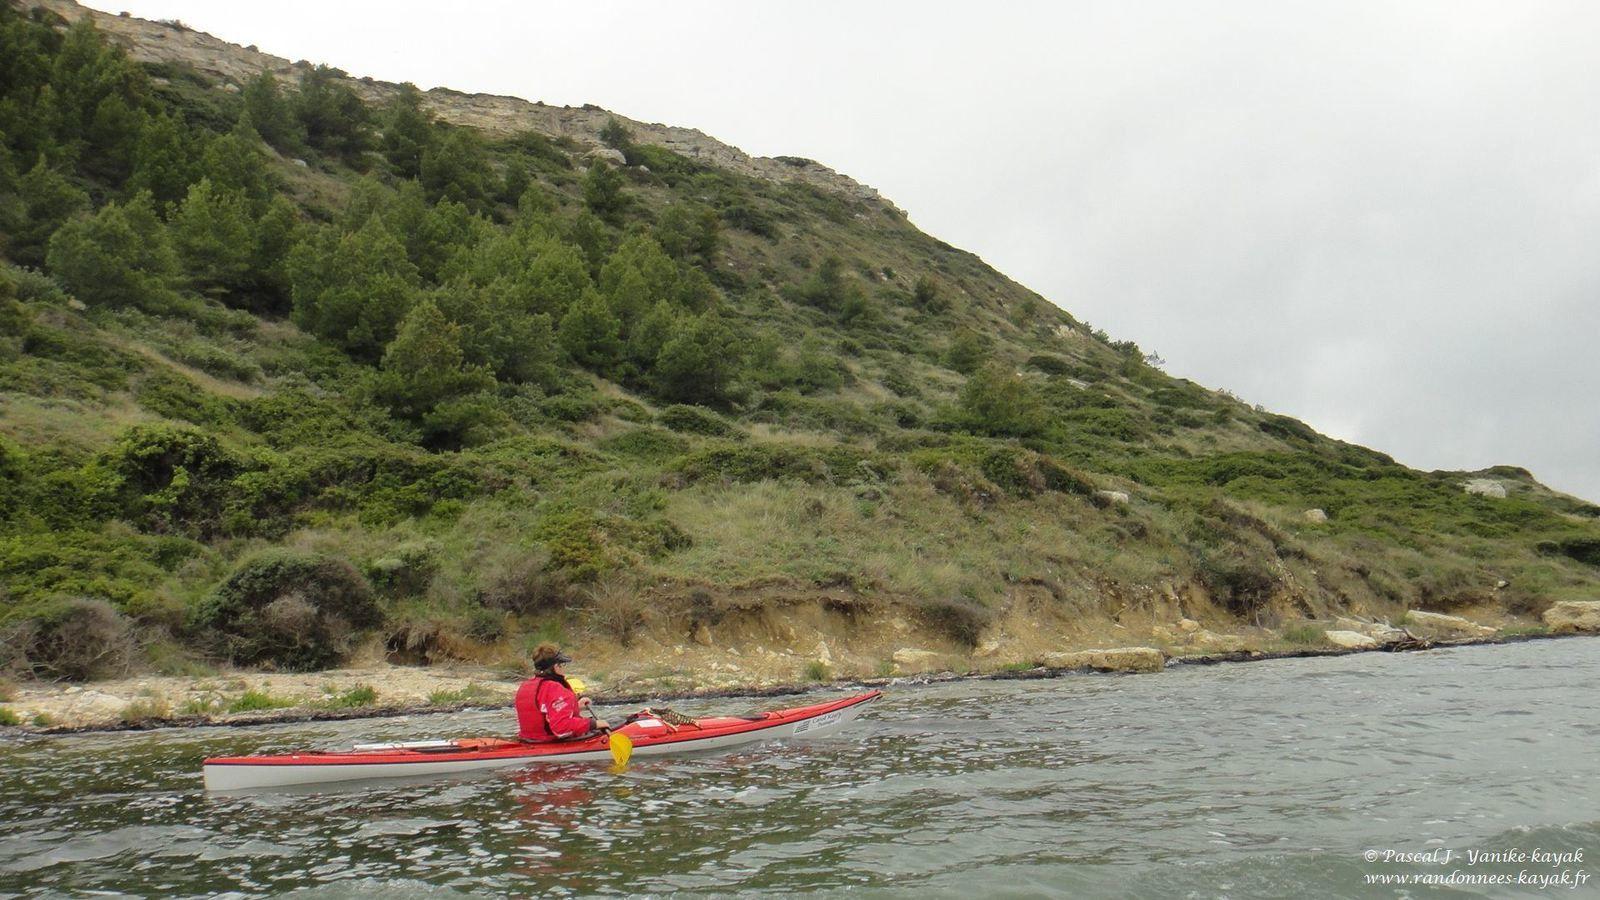 Méditerranée 2016 : étang de Sigean et rivière La Berre